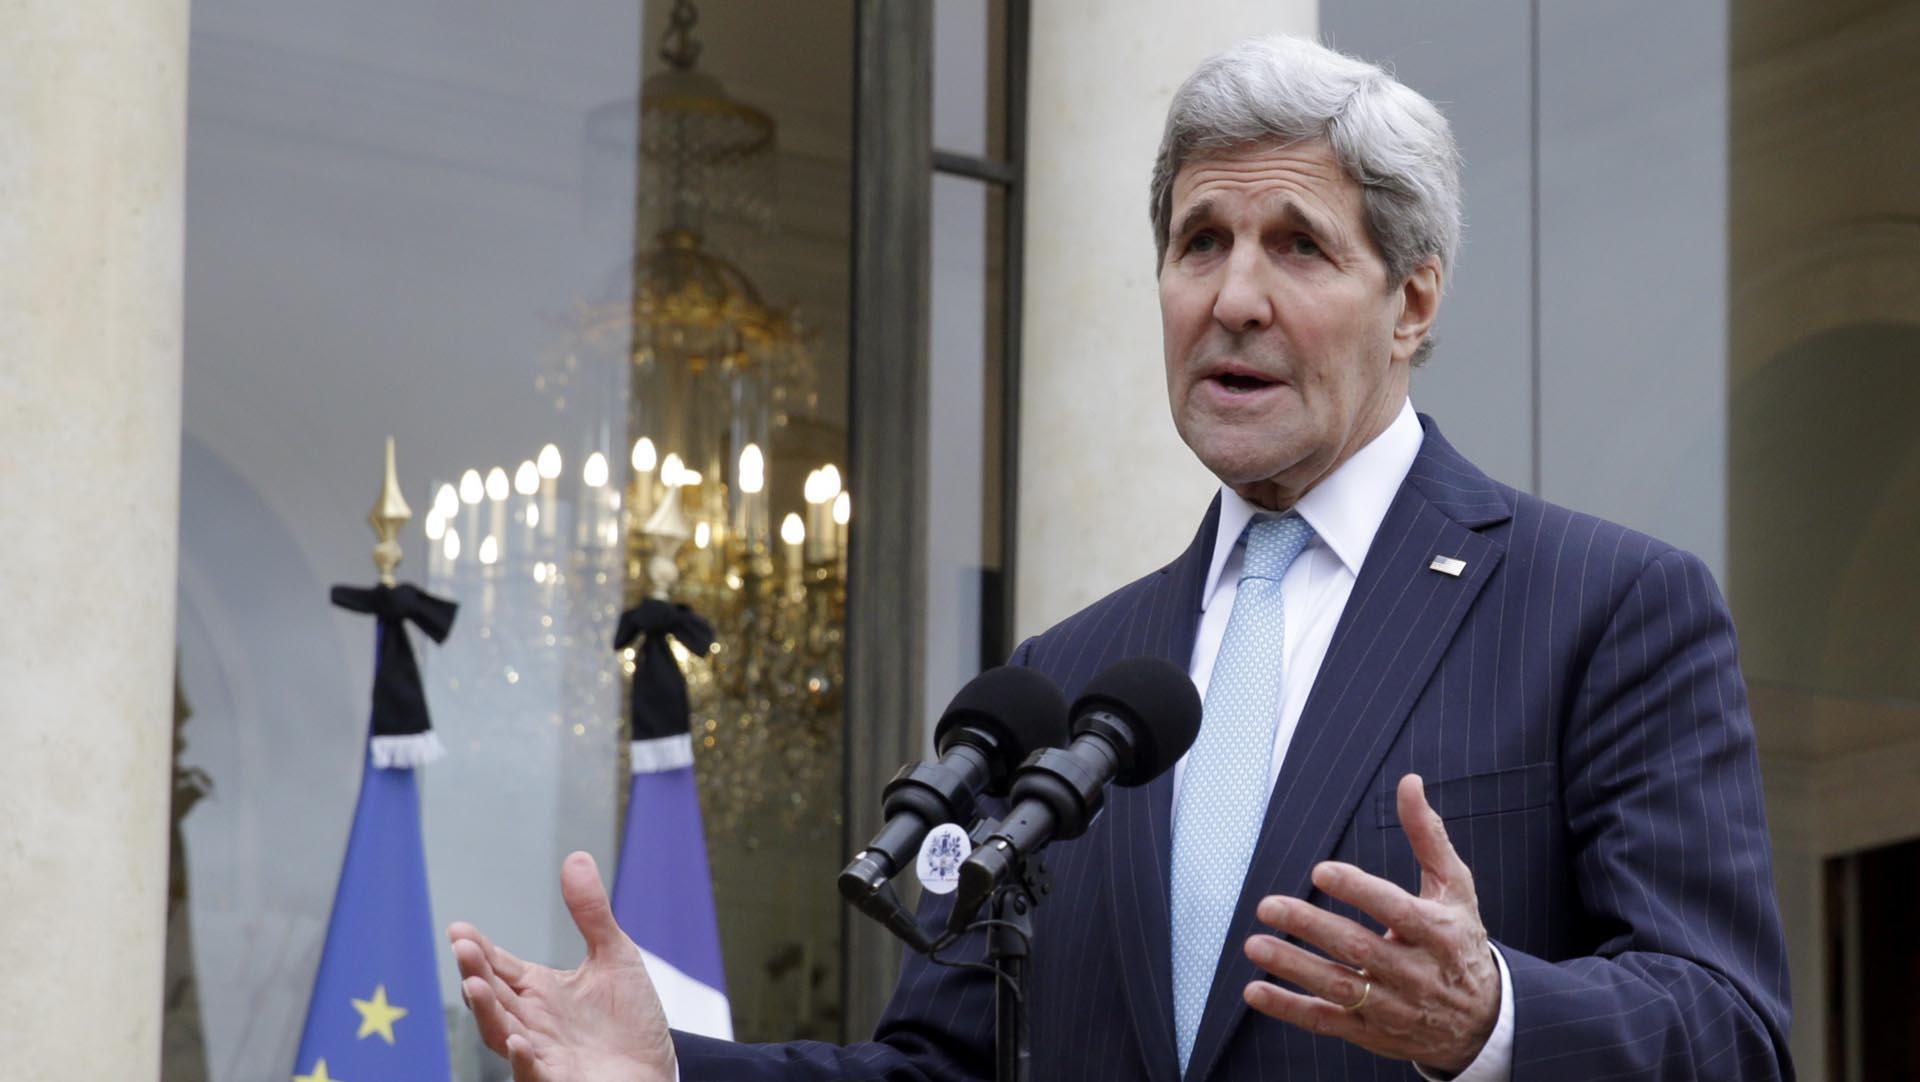 El presidente francés, François Hollande, quiere crear una alianza de potencias mundiales contra el EI